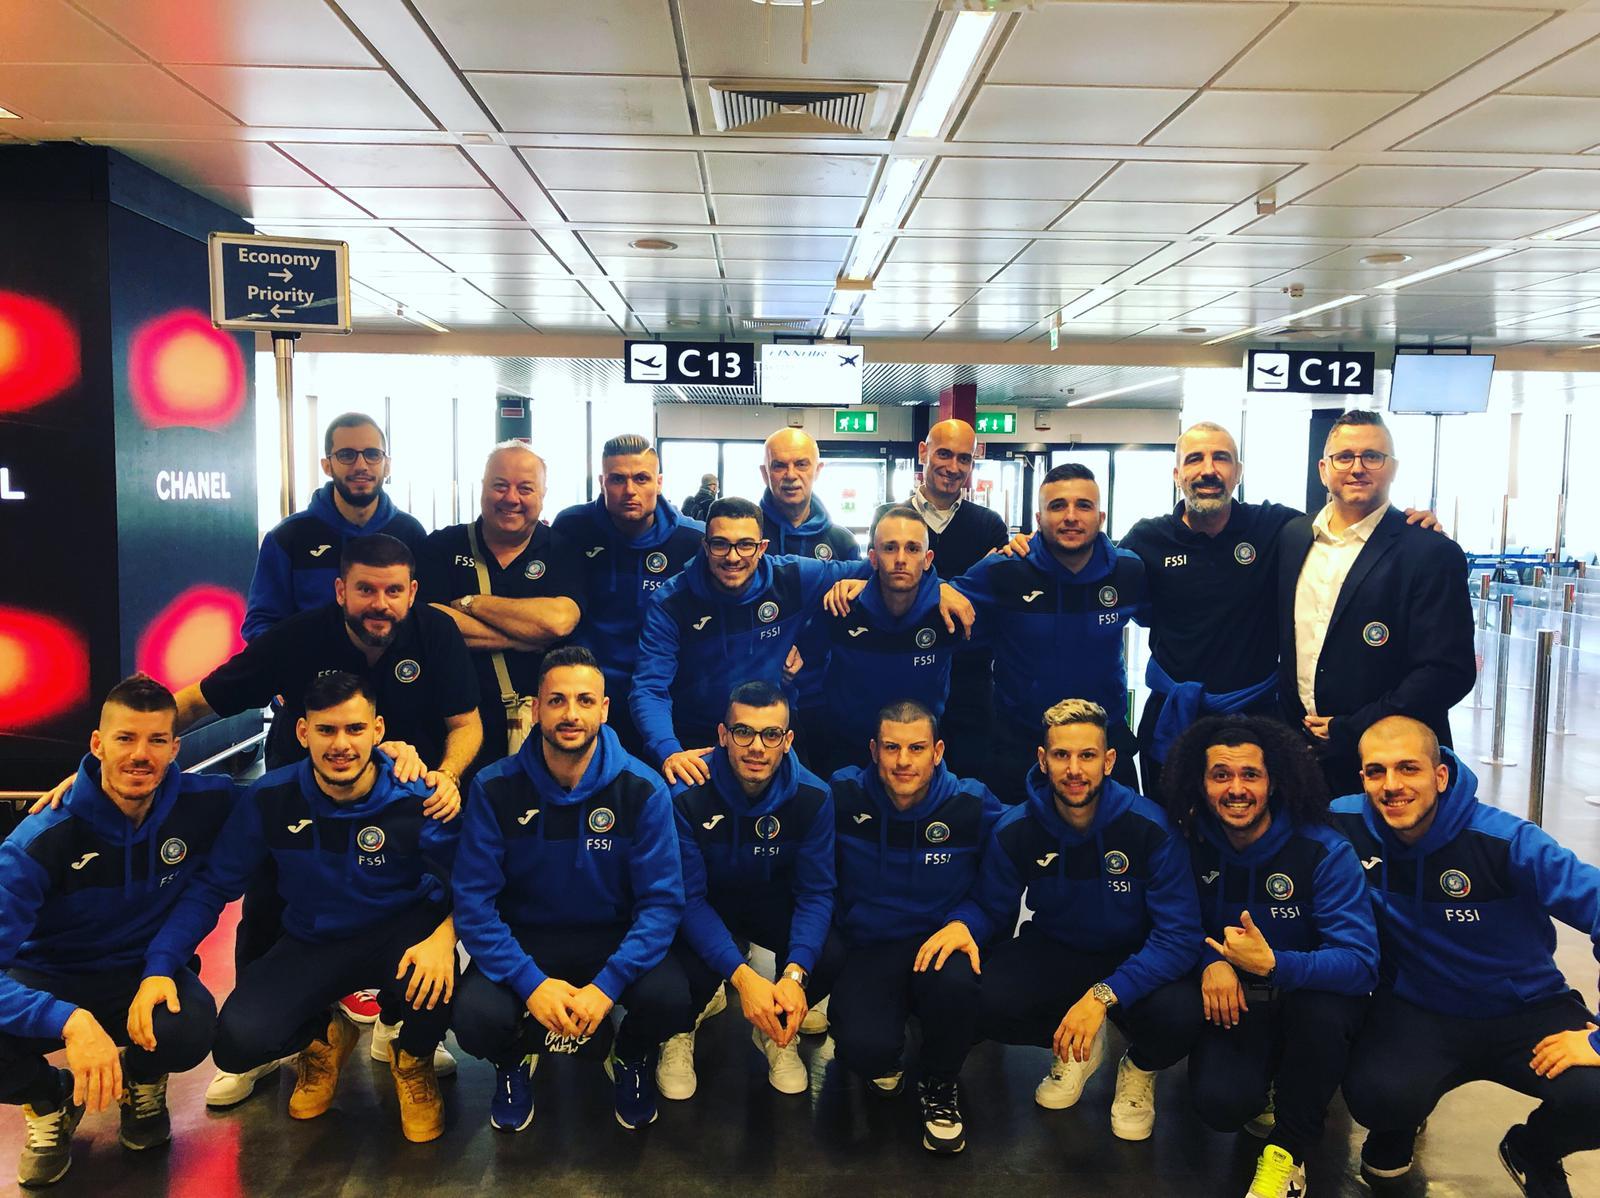 Gli azzurri della Nazionale di Calcio A5 partono per gli Europei a Tampere (FIN)